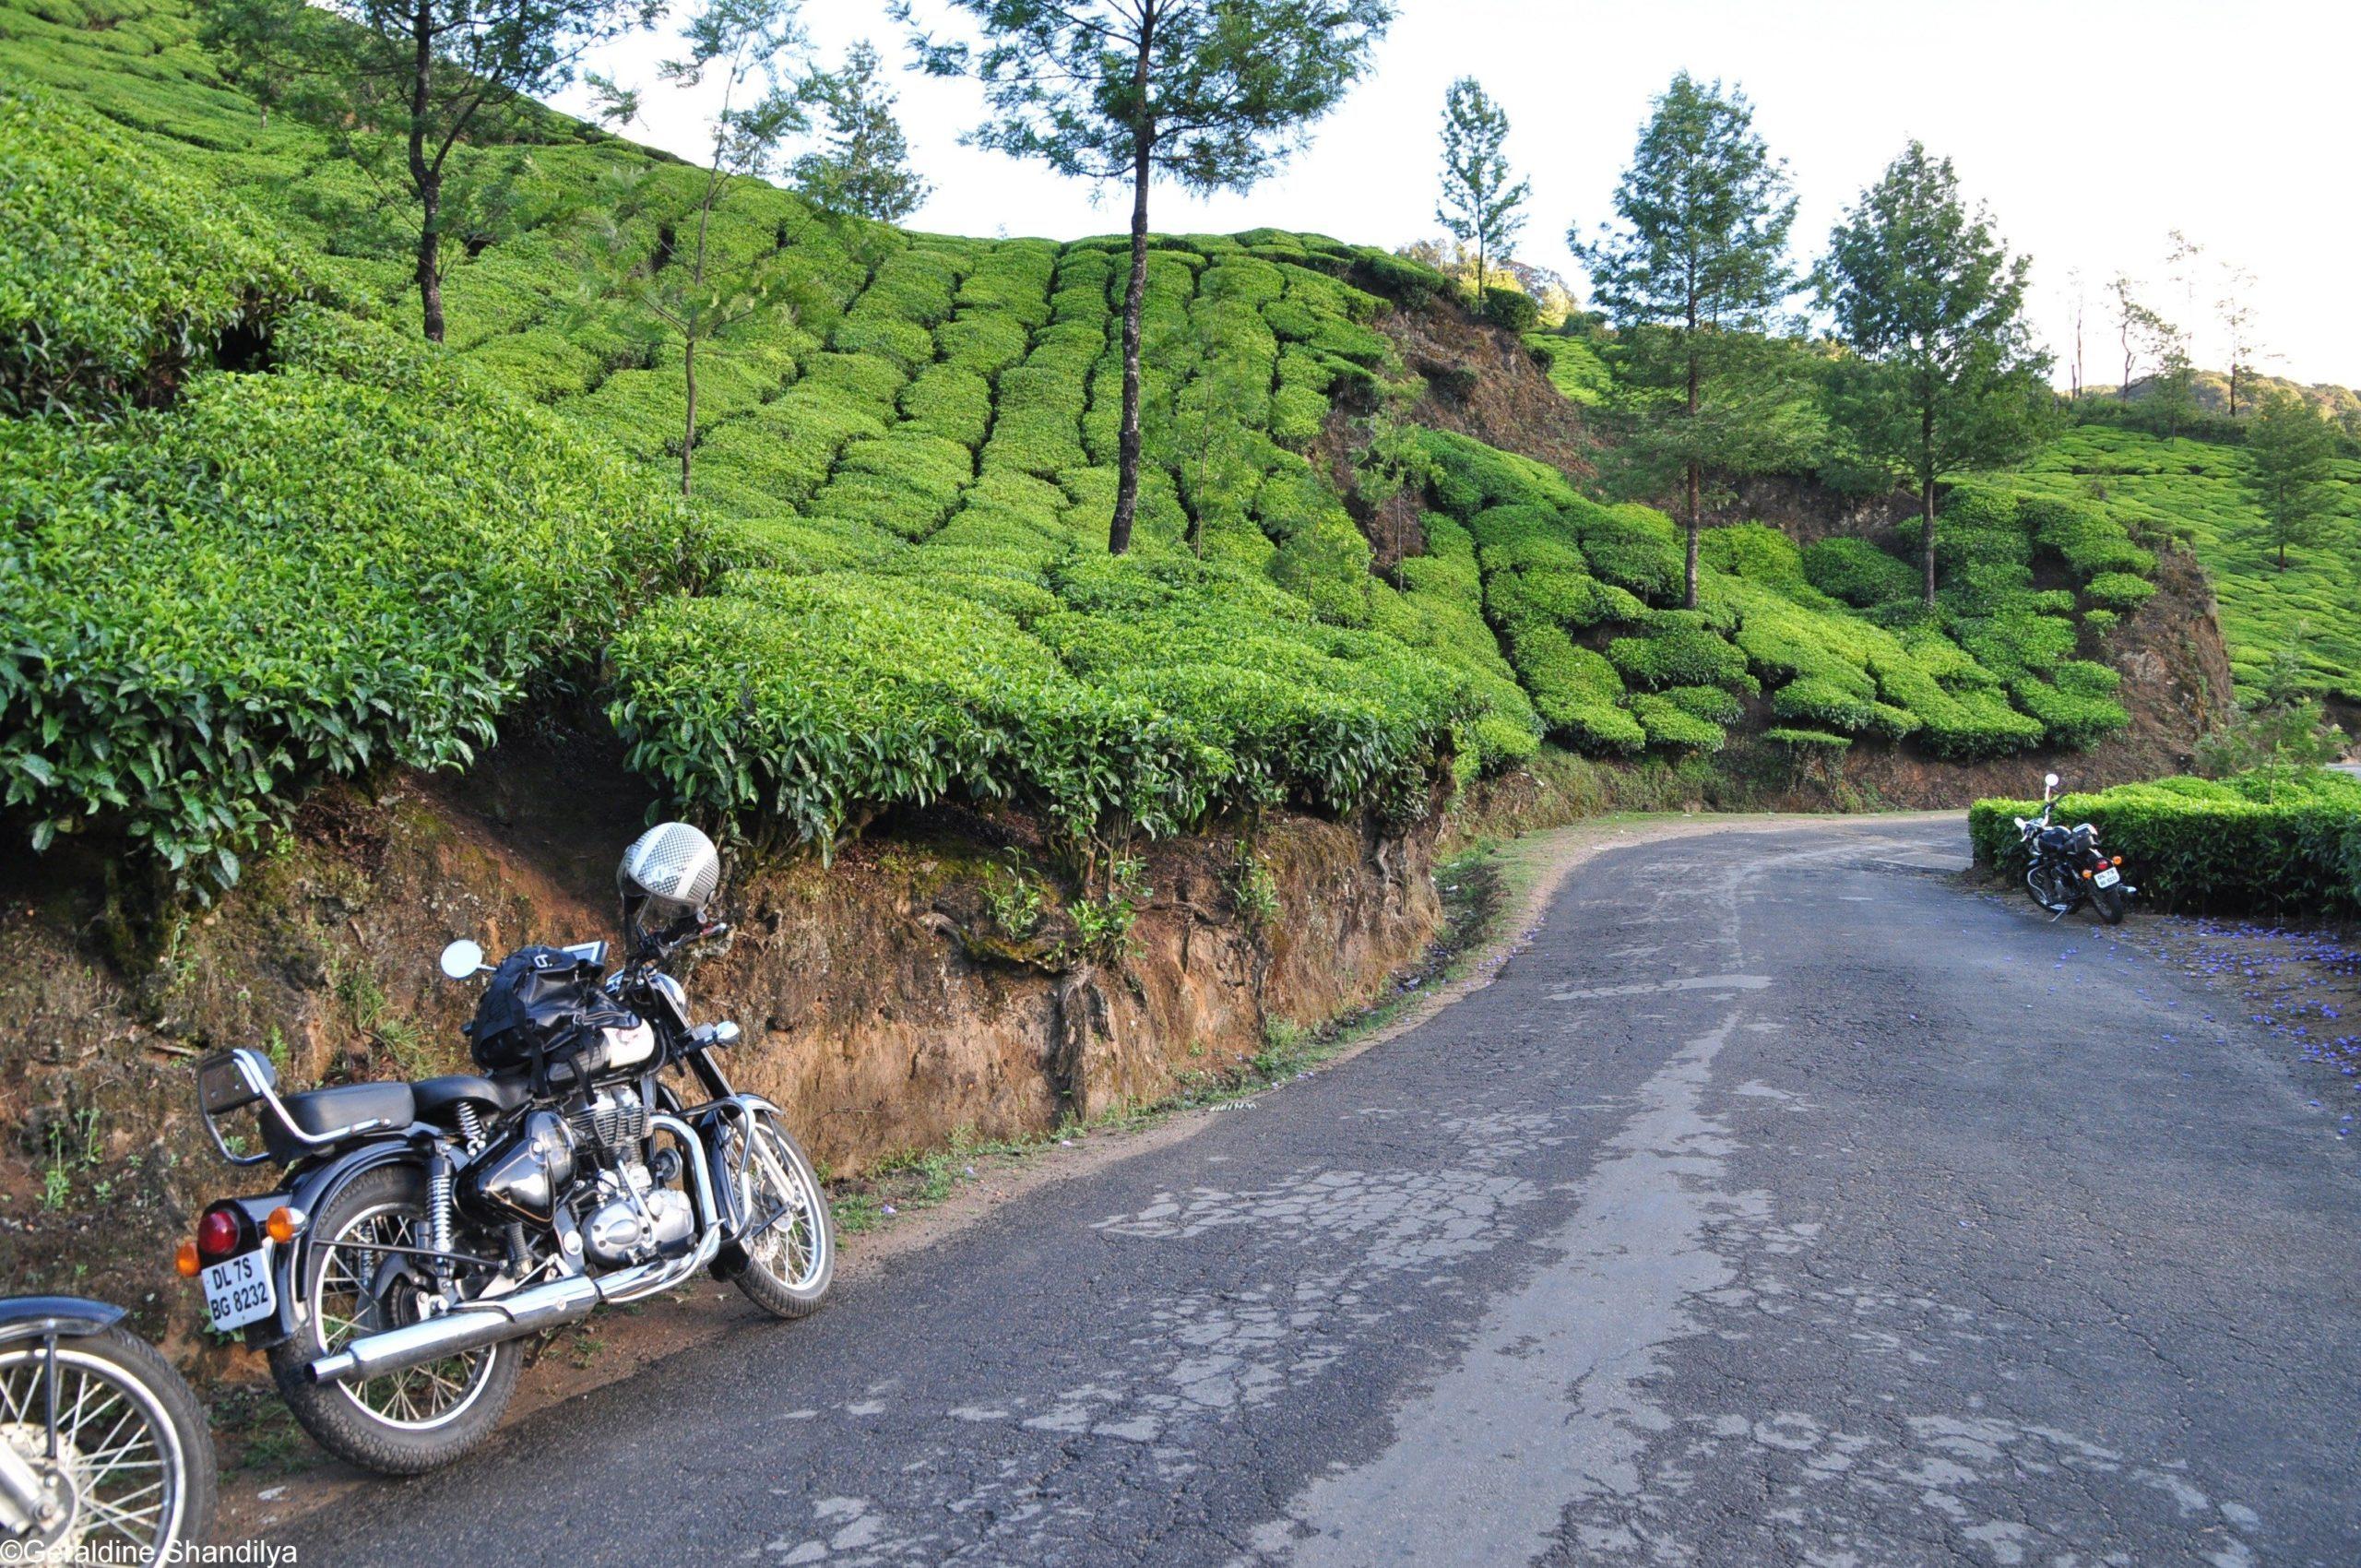 Motorrad-Roadtrip Südindien - Die Gewürzstraße